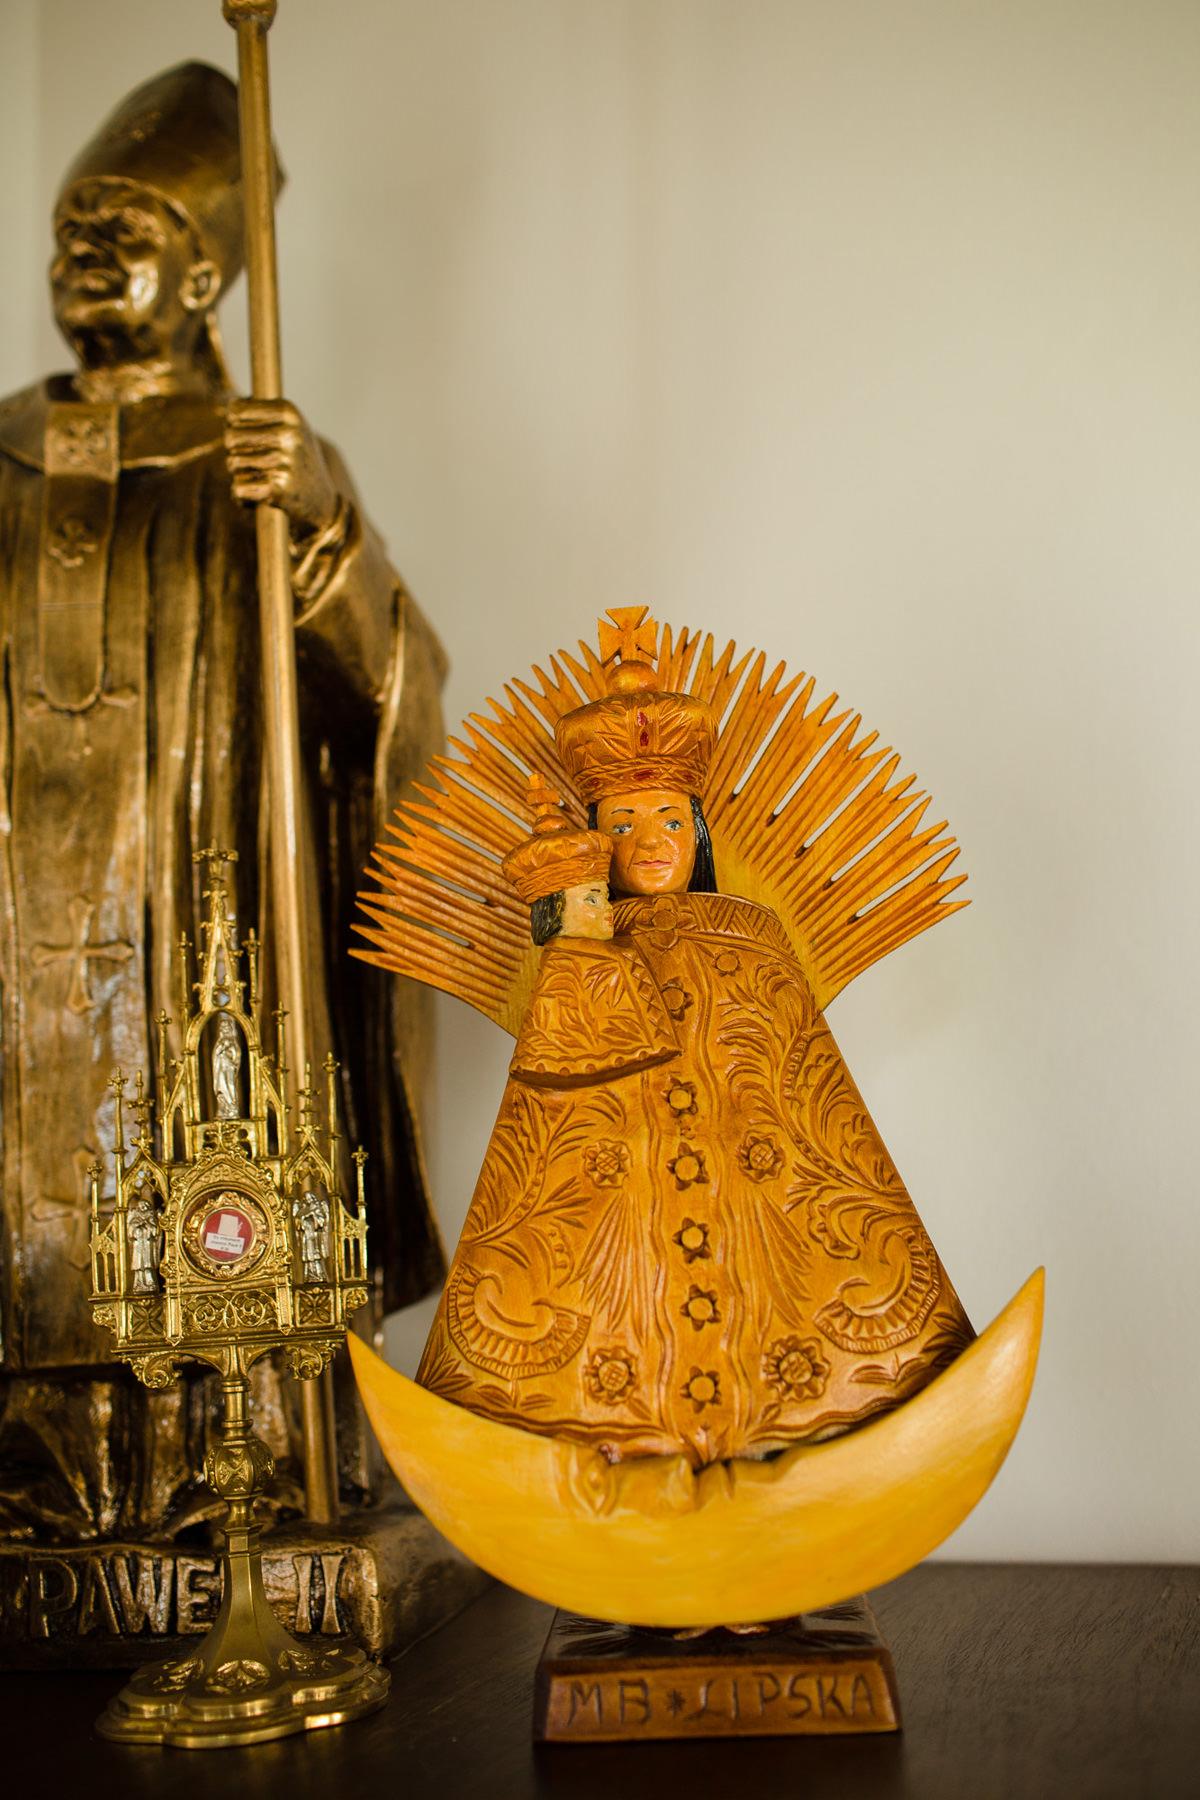 palac mortegi kapliczka zdjecie slub